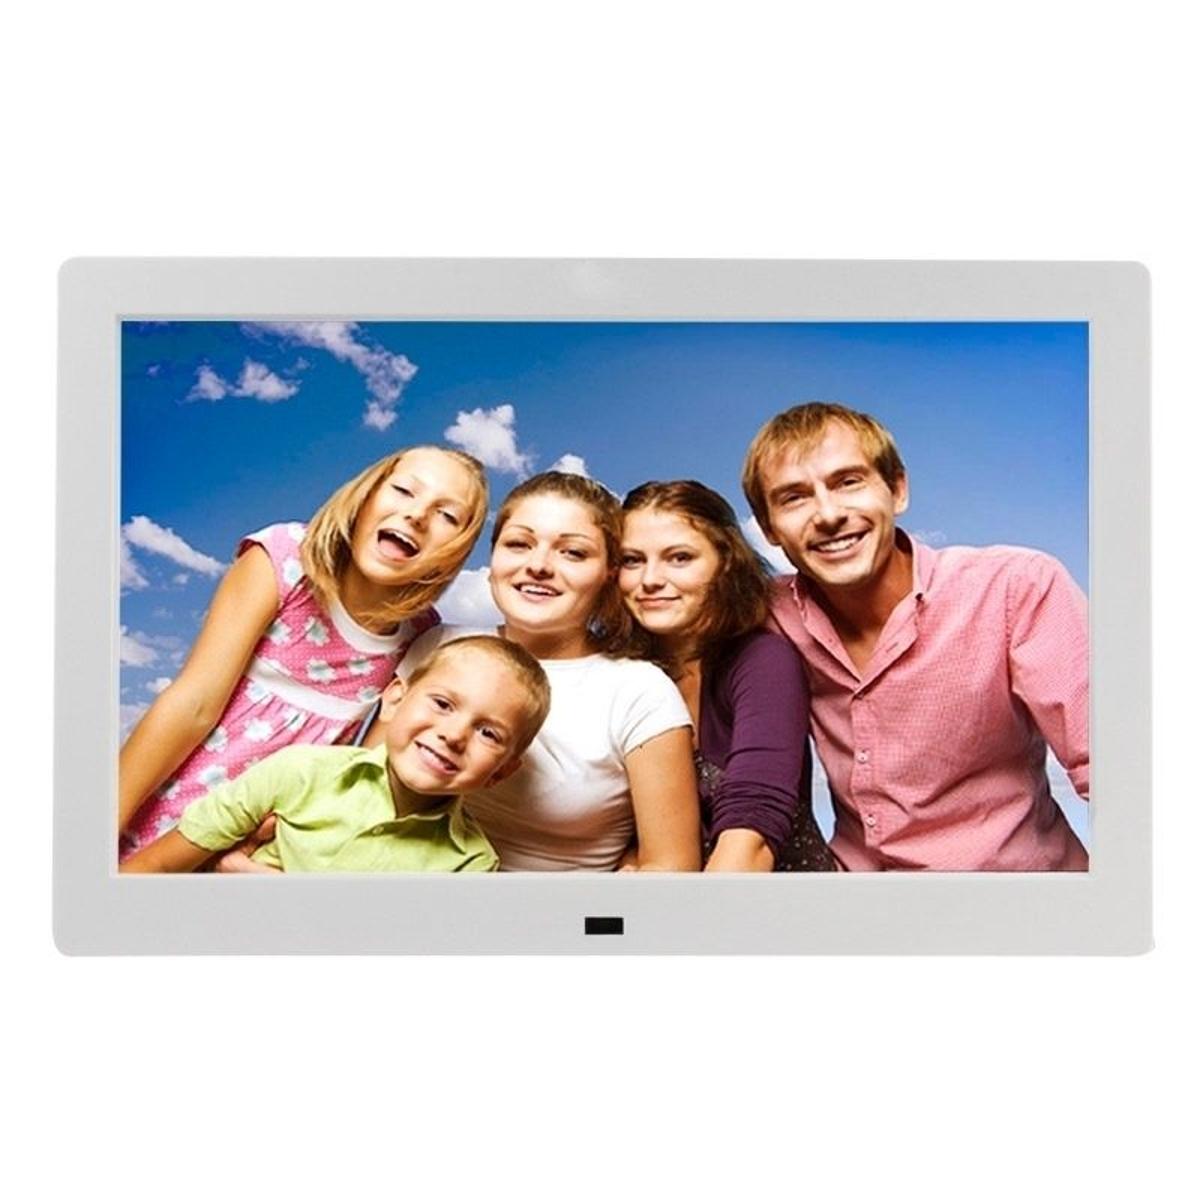 Cadre Photo Numérique Ecran LED 10' Lecteur Multimedia MP3 Video Blanc